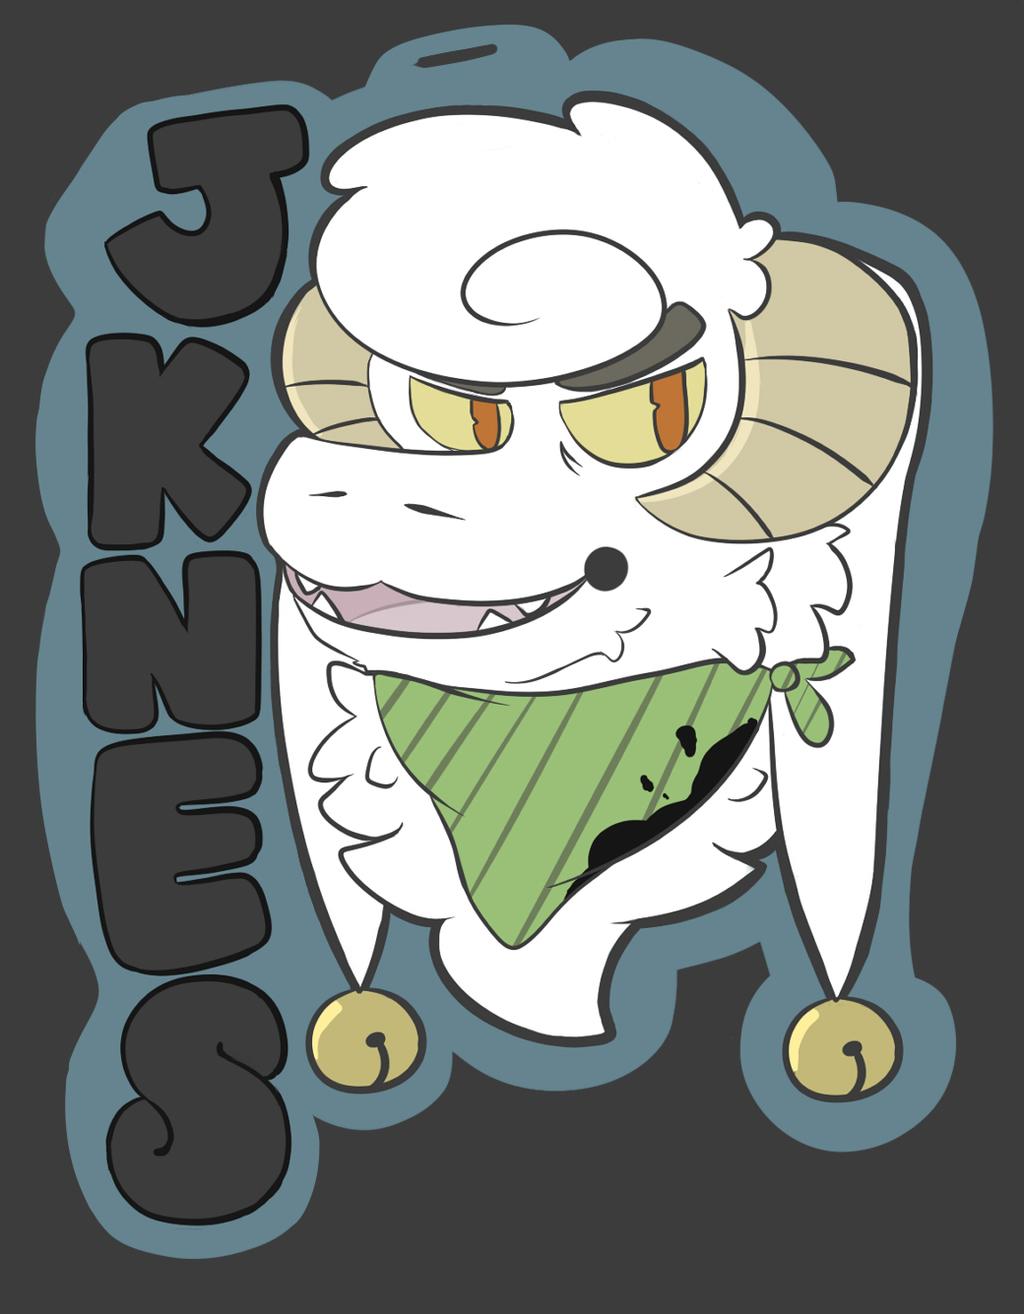 [c] jknes